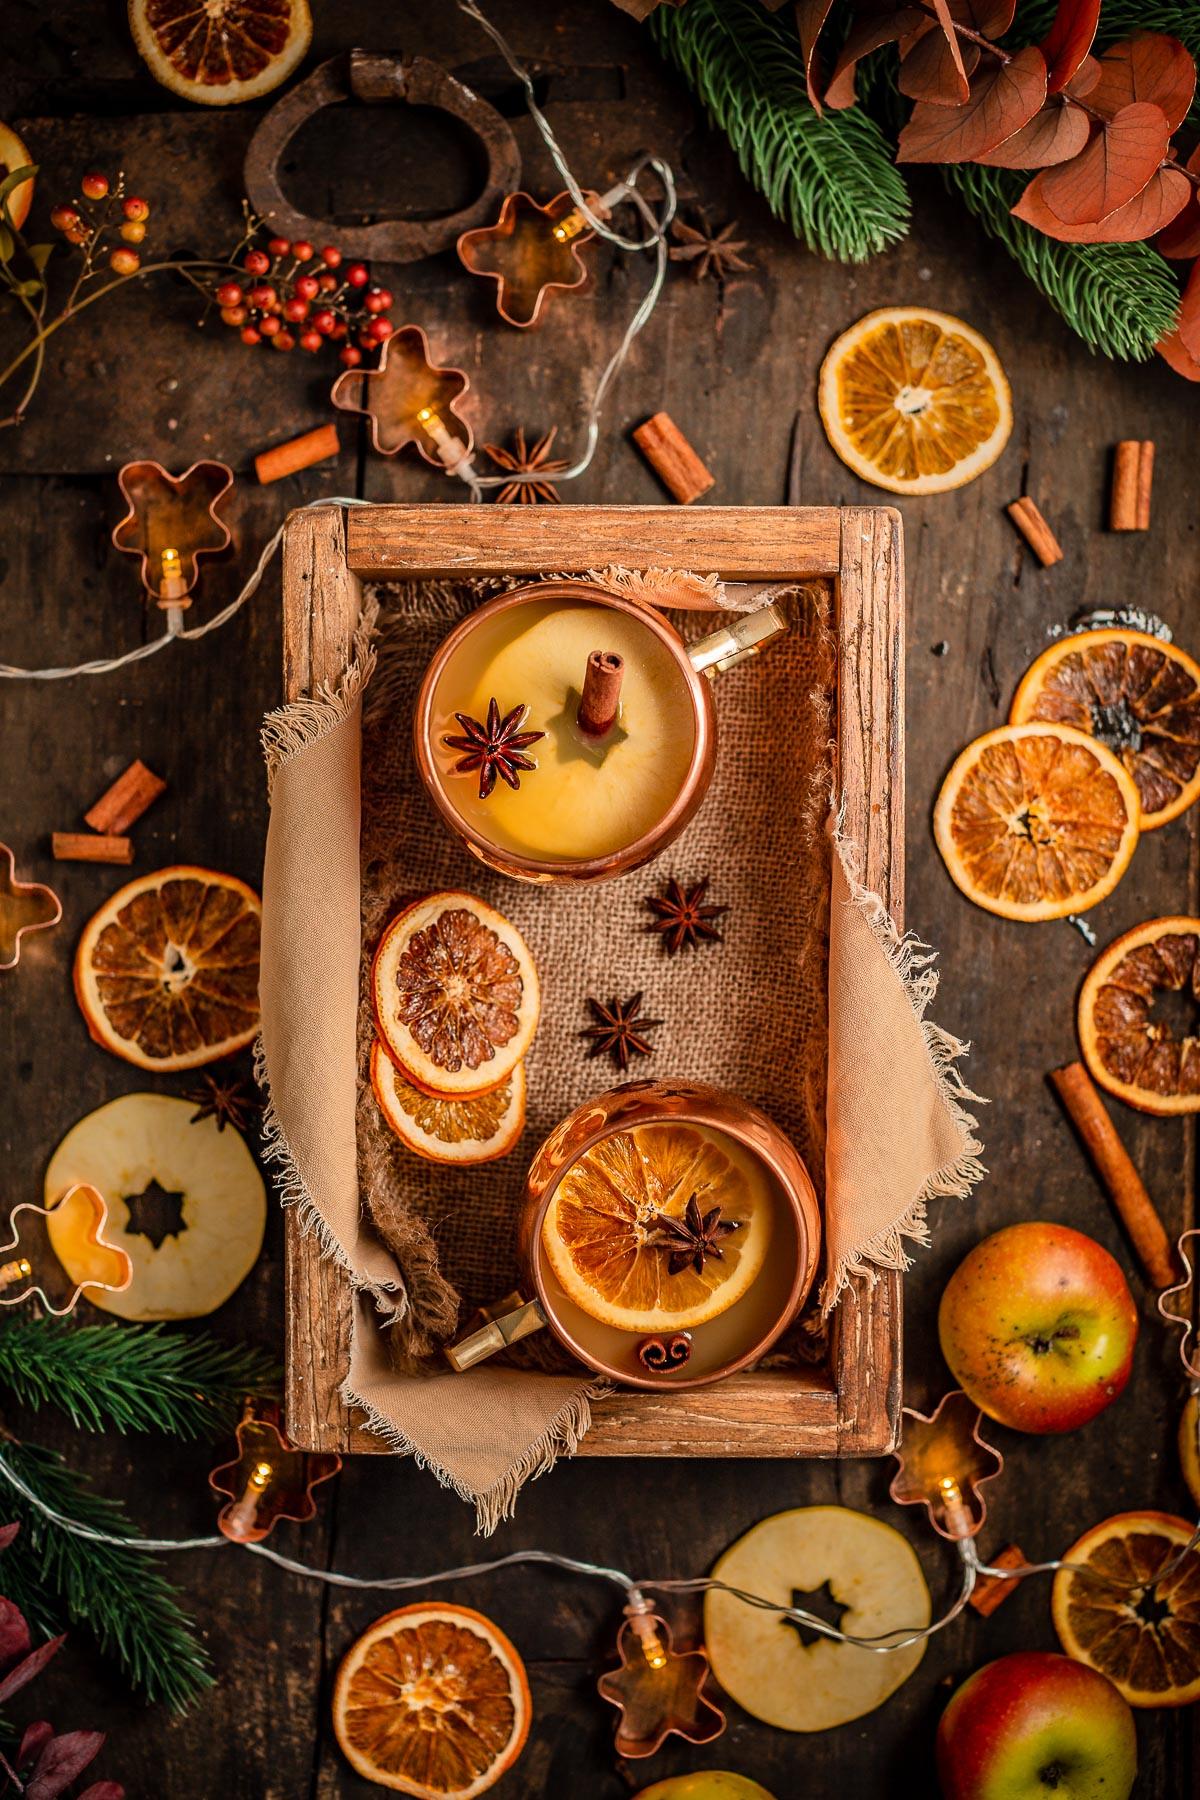 Christmas sugar-free APPLE MULLED WINE recipe ricetta Brulè di mele fatto in casa senza zucchero come ai Mercatini di Natale Apfelglühwein #vegan non alcoholic